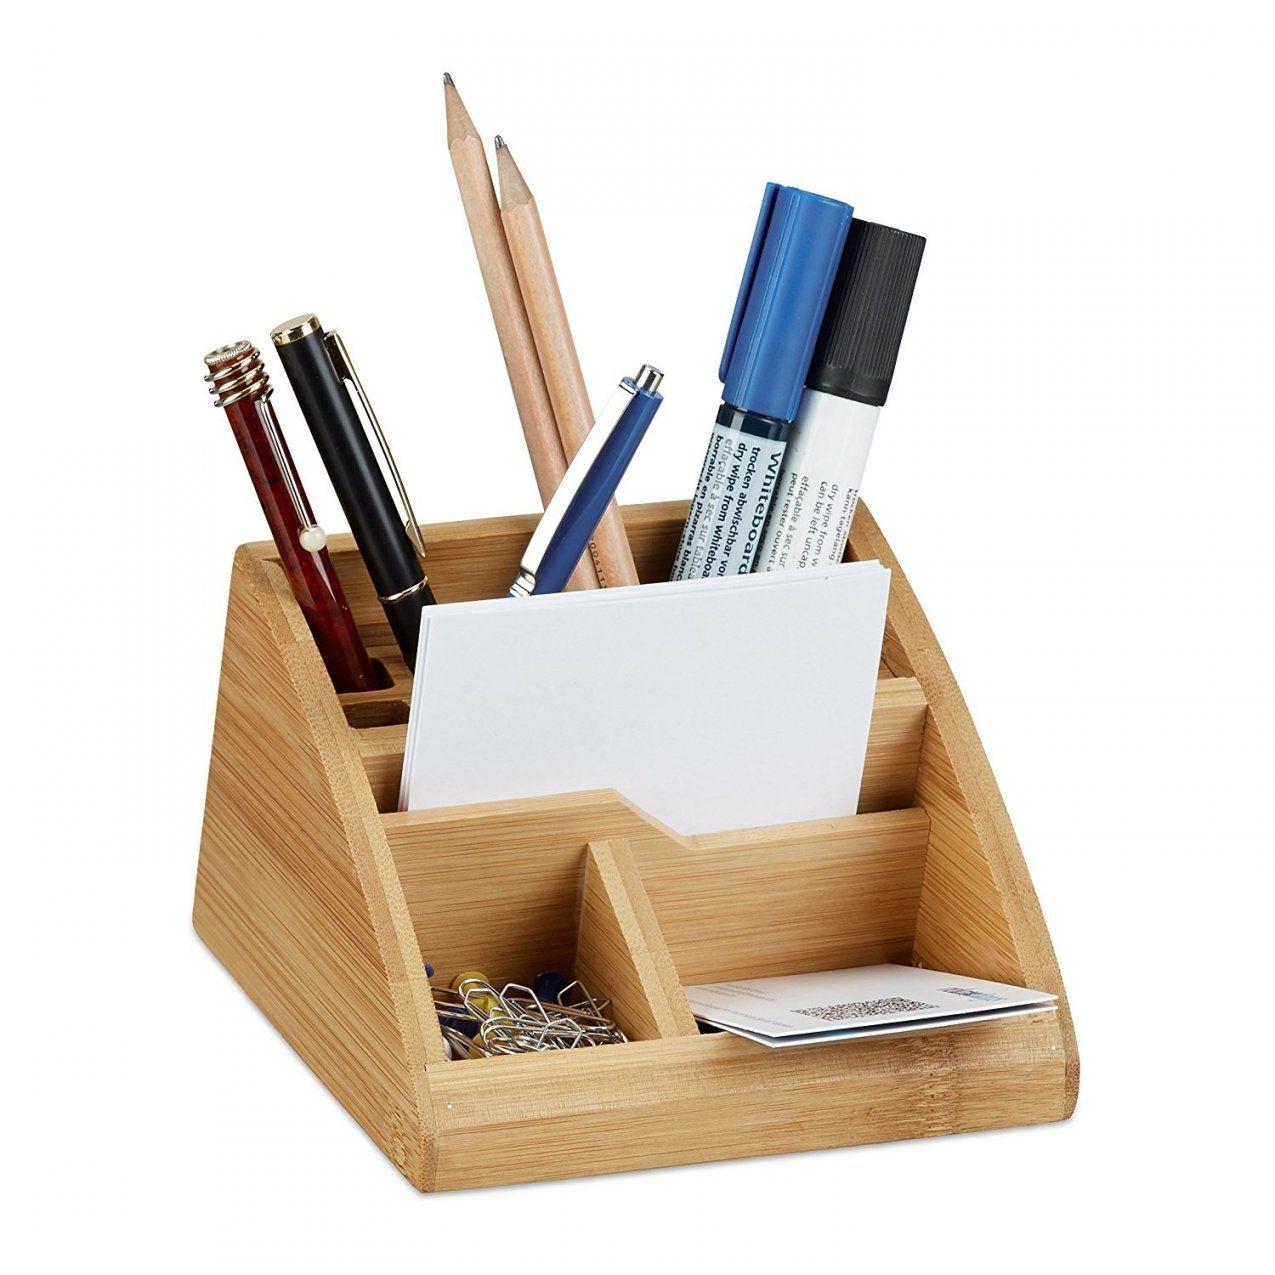 Schreibtisch Organizer Holz Inspirierend Ideen Betreffend von Stiftehalter Holz Selber Bauen Photo